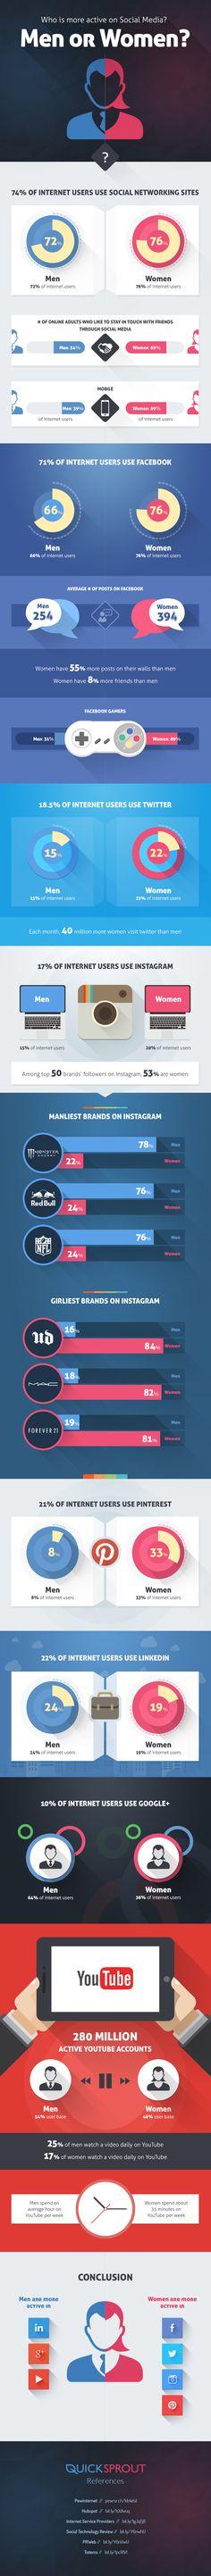 Quíen es más activo en Redes Sociales